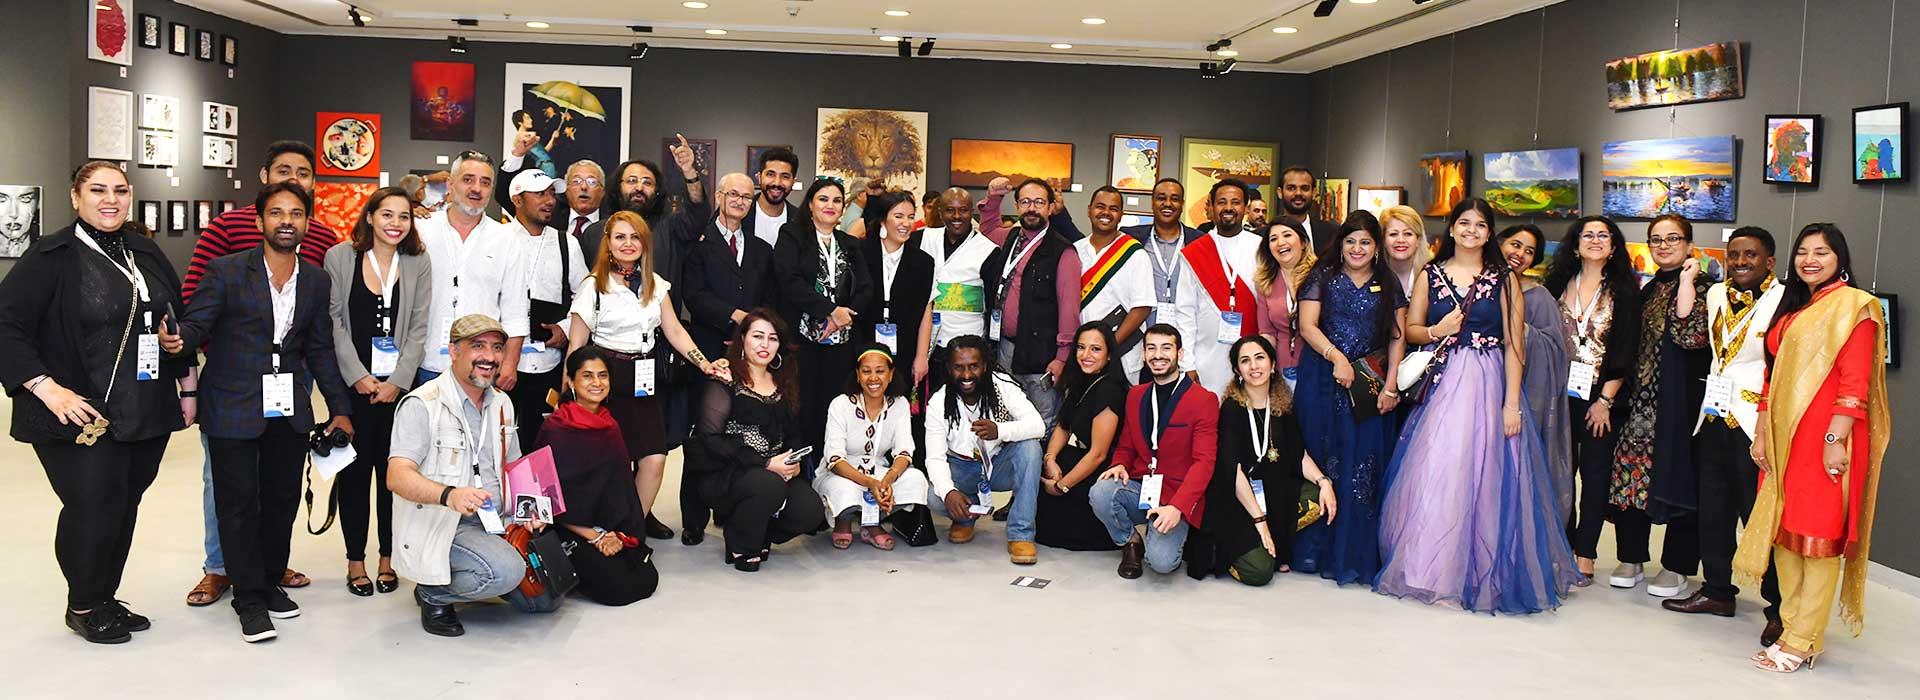 About-us-qiaf-participants-2019